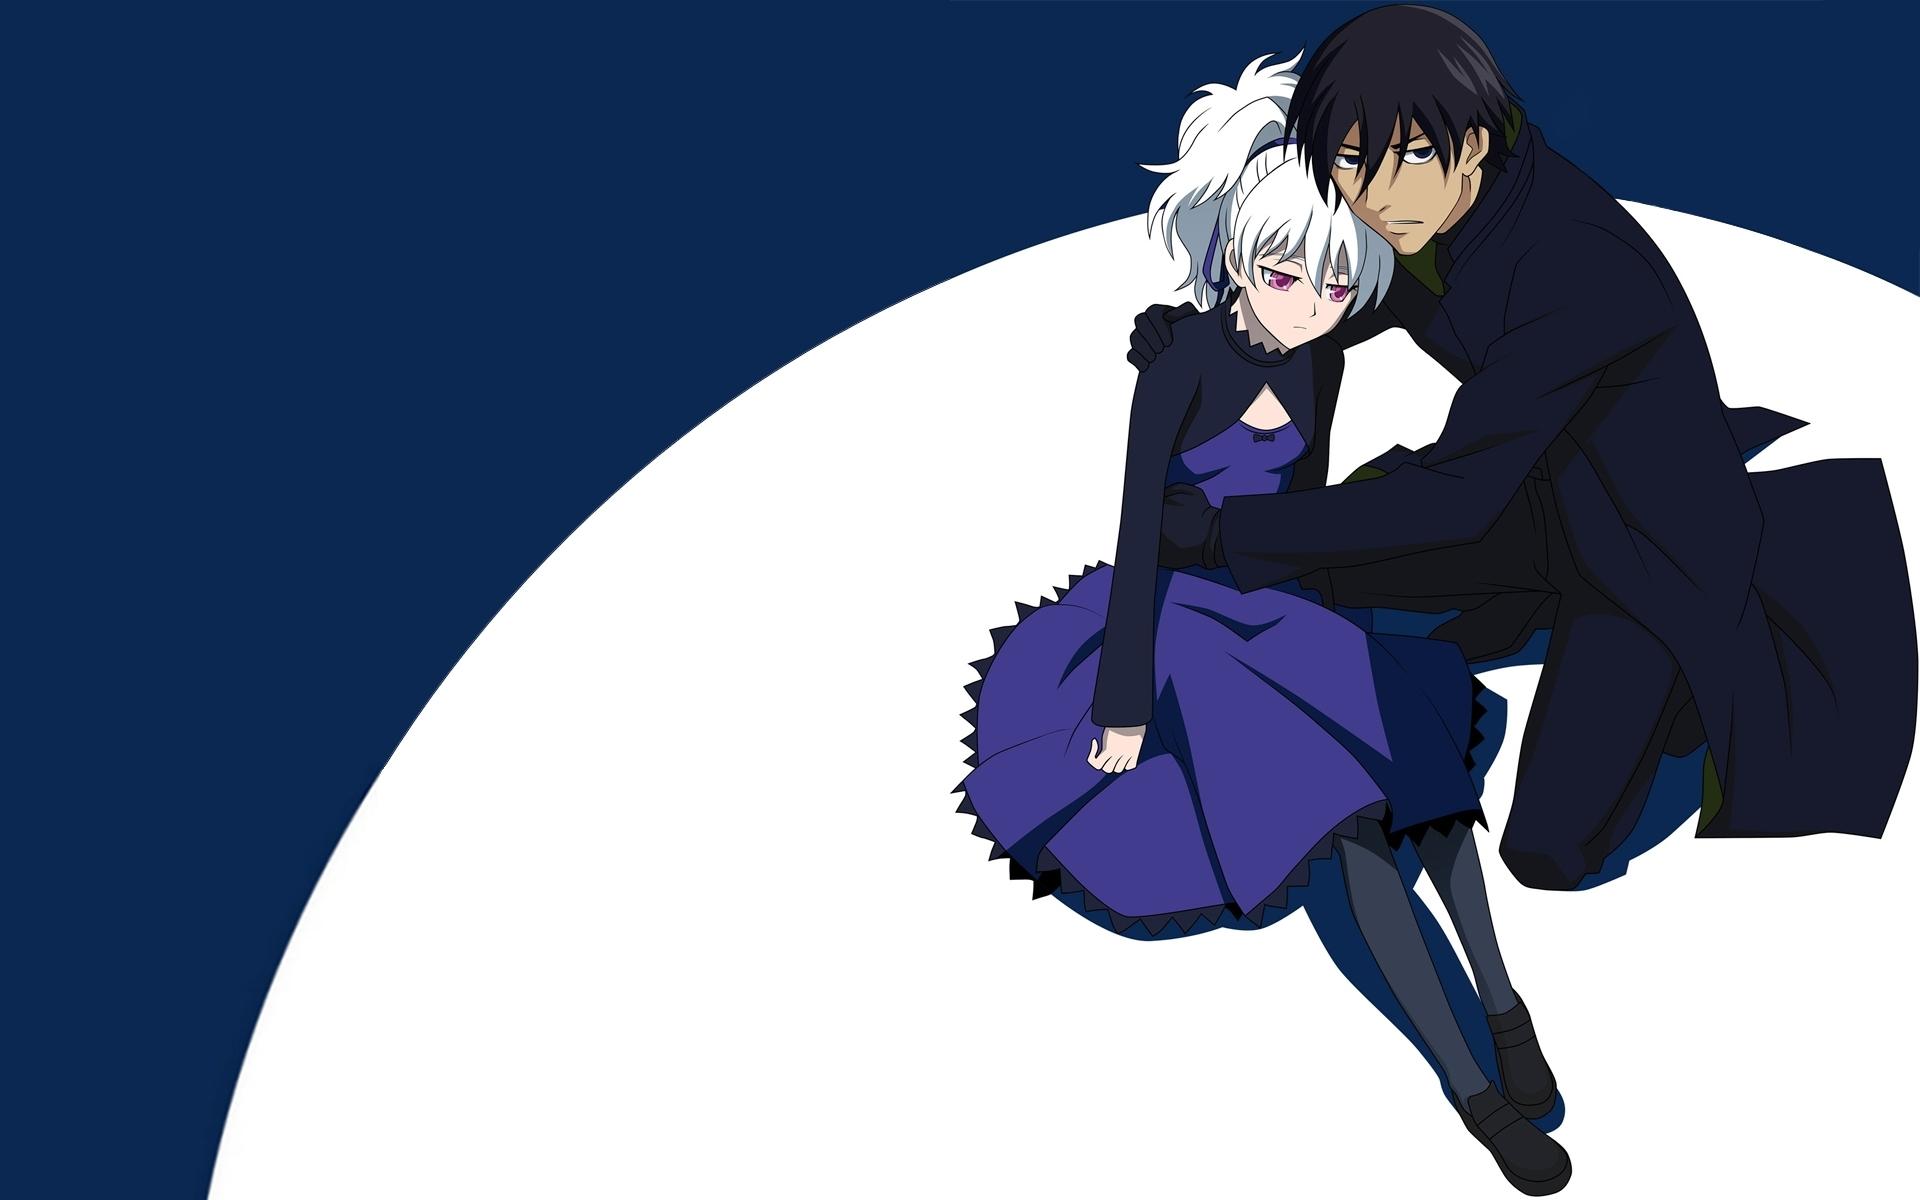 Dessin fille manga triste noir et blanc dessin de manga - Manga couple triste ...